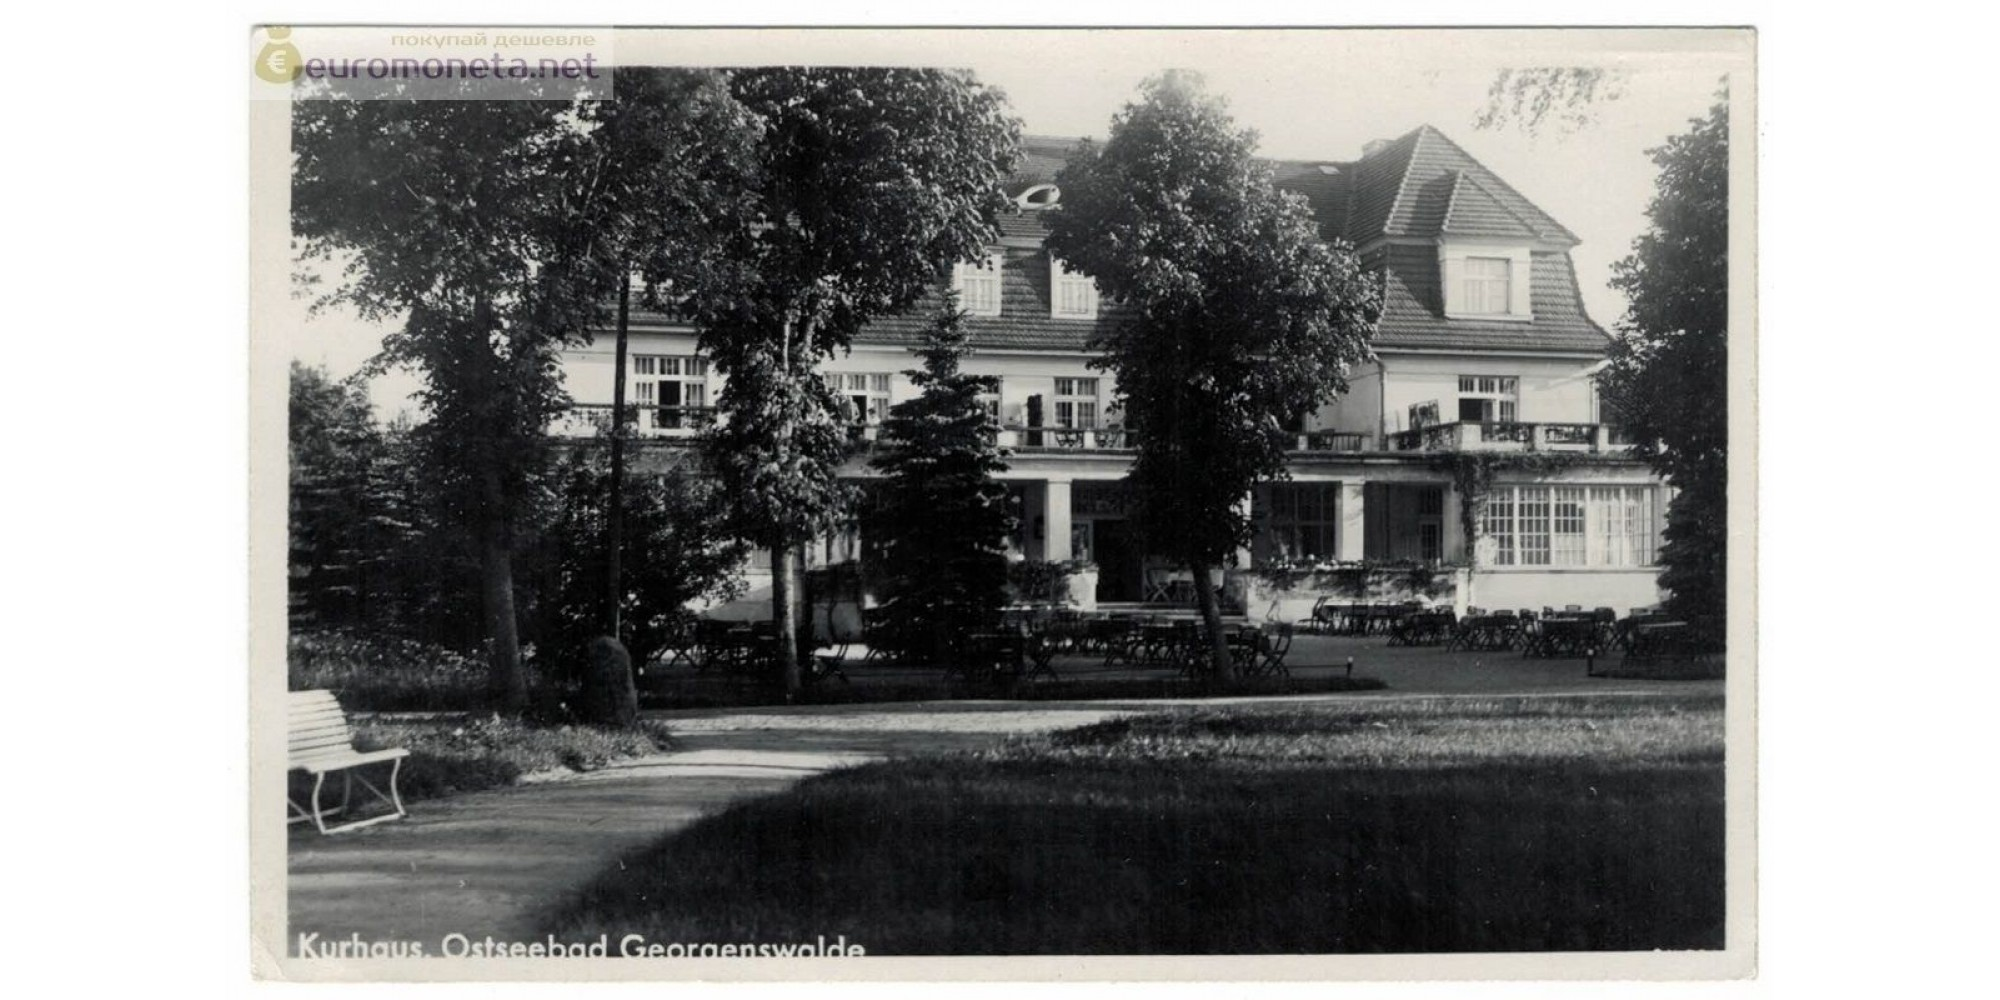 Открытка Пруссия Georgenswalde Георгенсвальде Курхаус Отрадное (Калининградская область) особняк